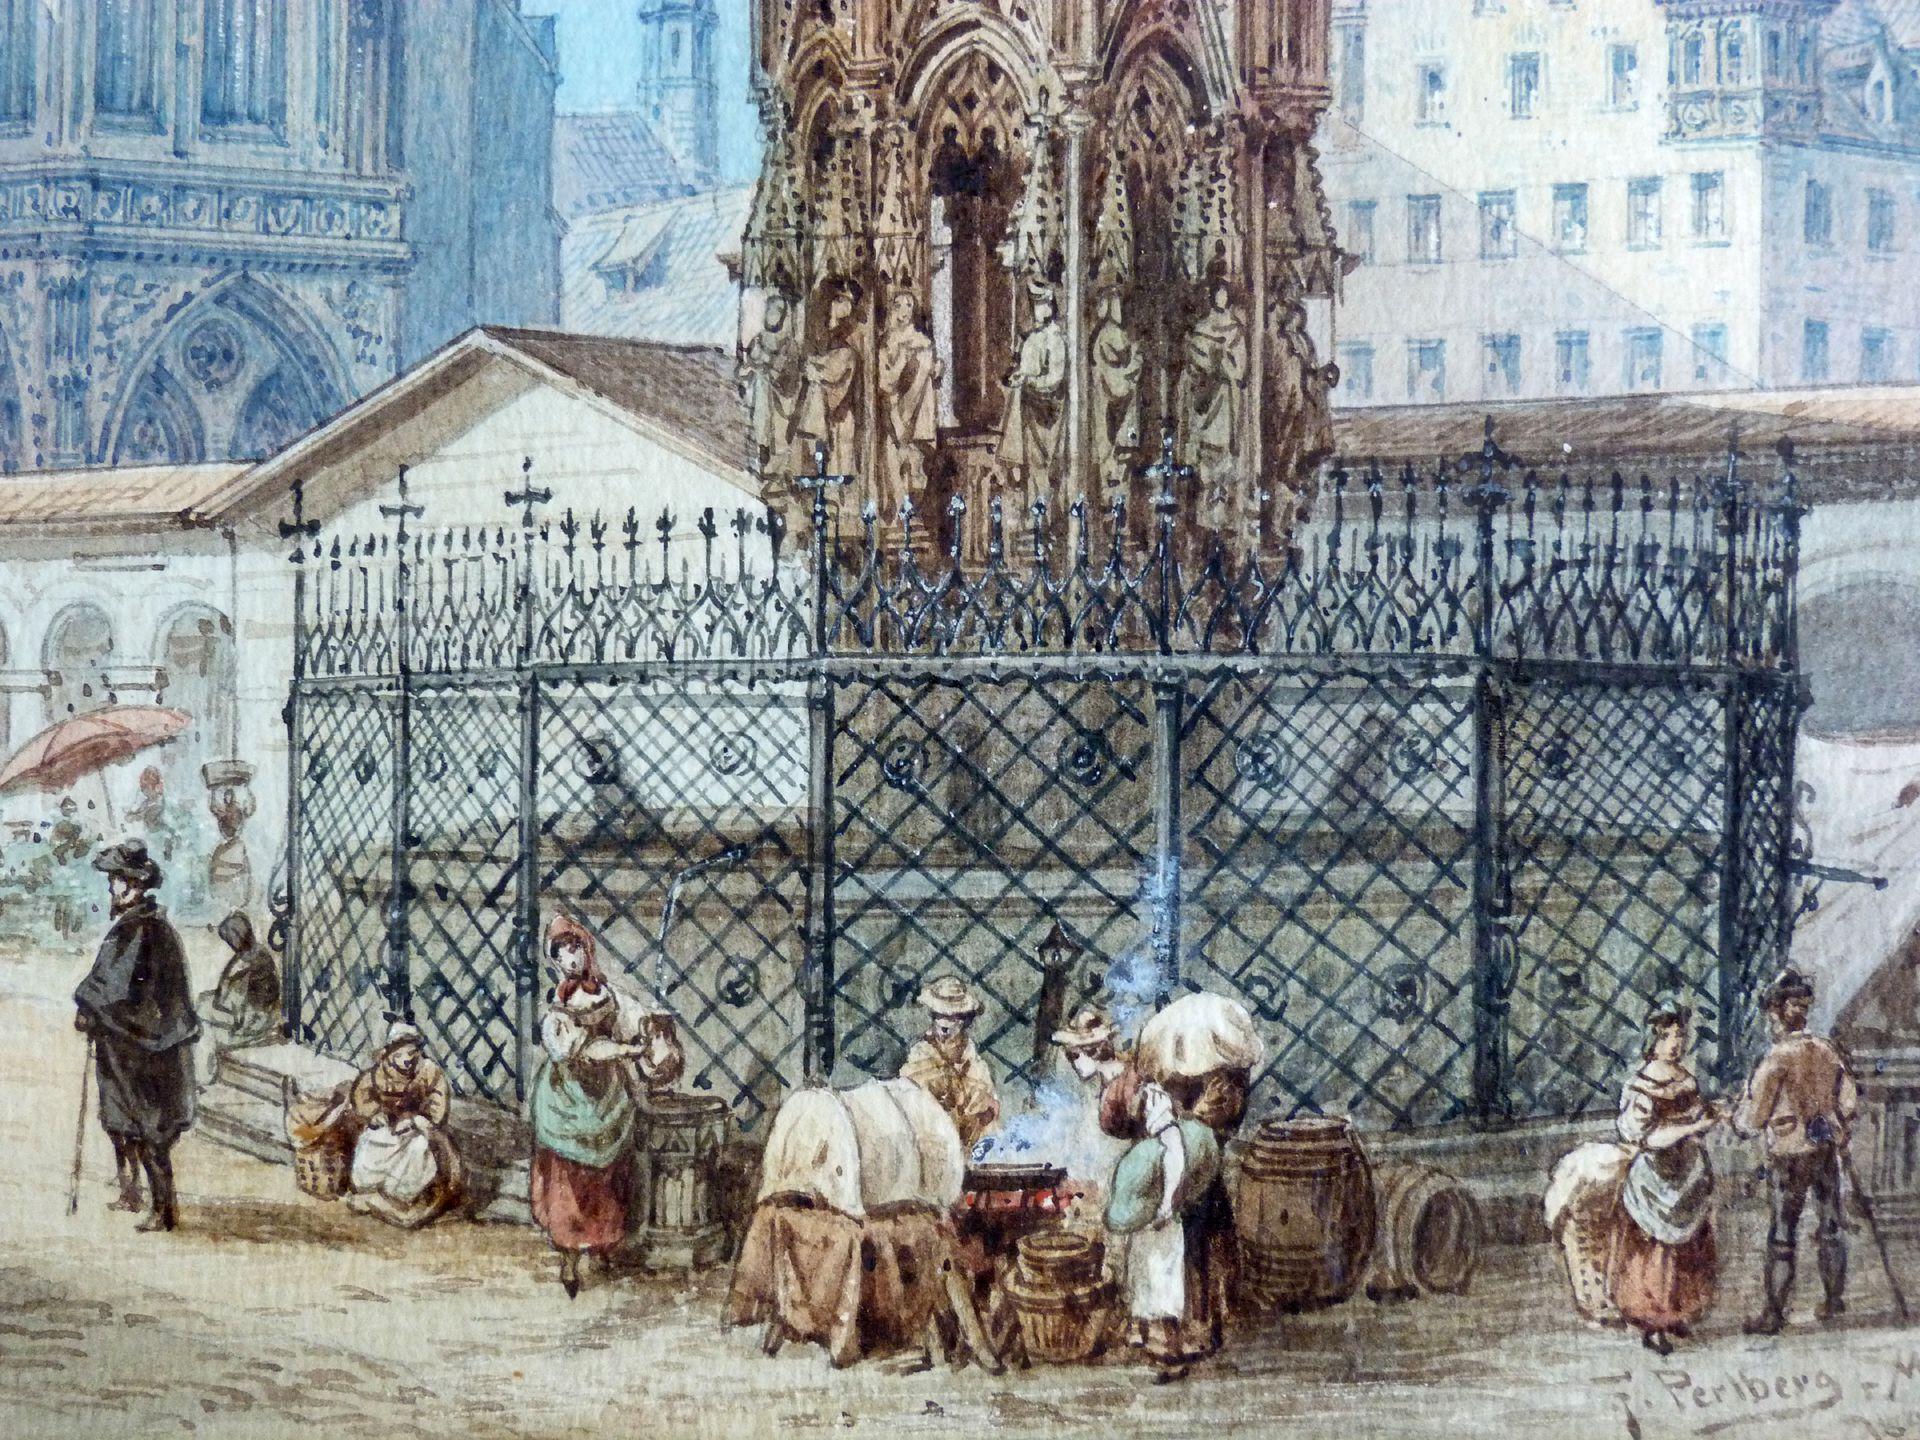 Der Schöne Brunnen in Nürnberg Brunnenbecken mit Markttreiben